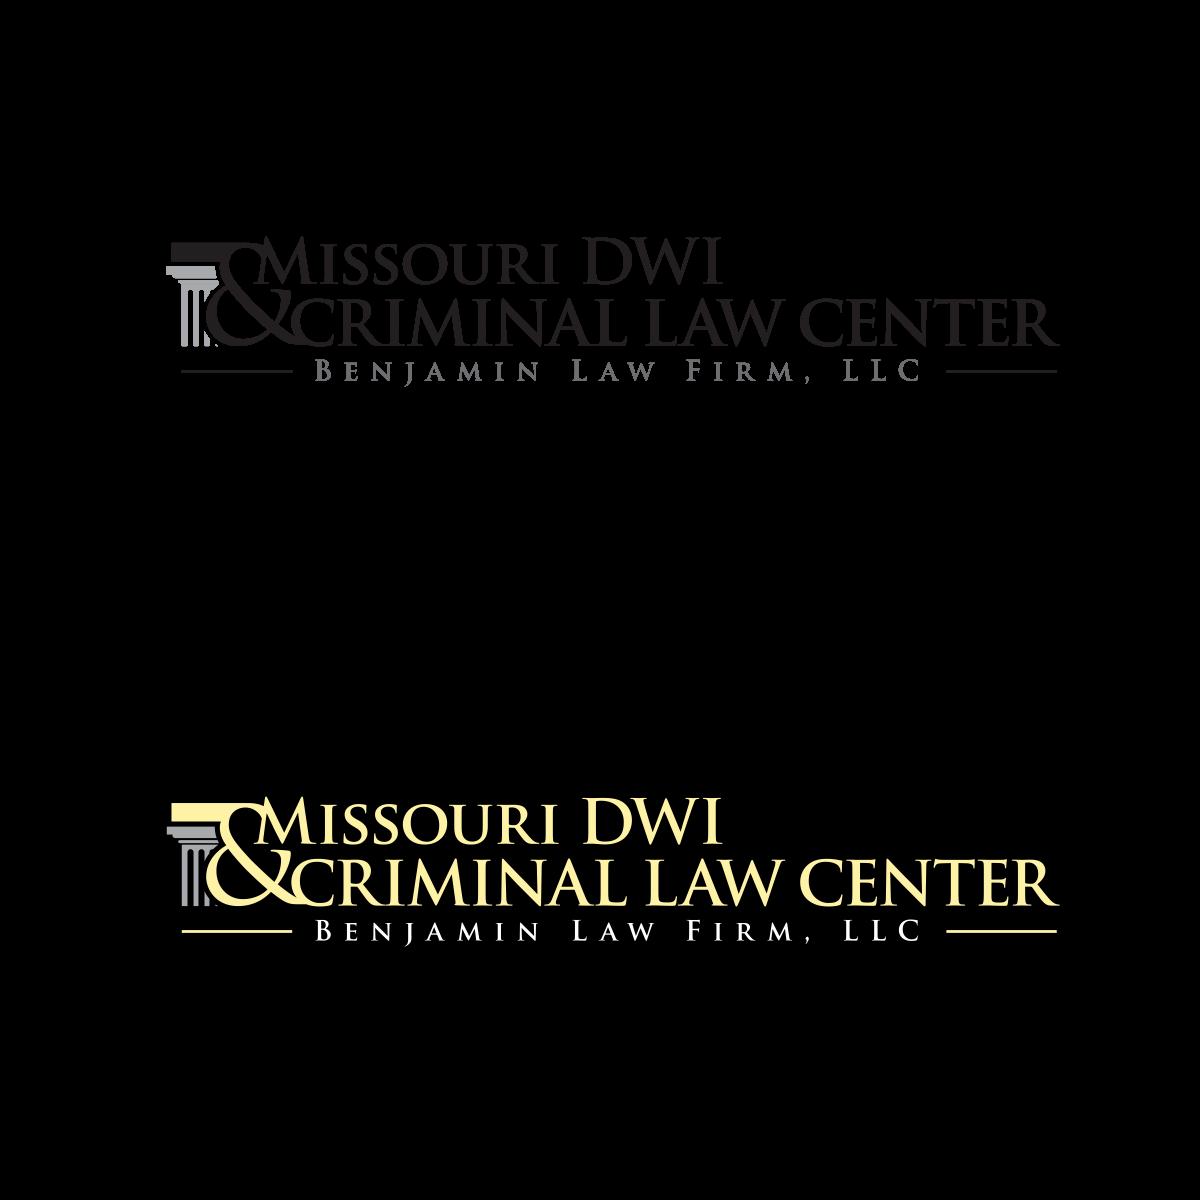 Logo for law firm rebranding